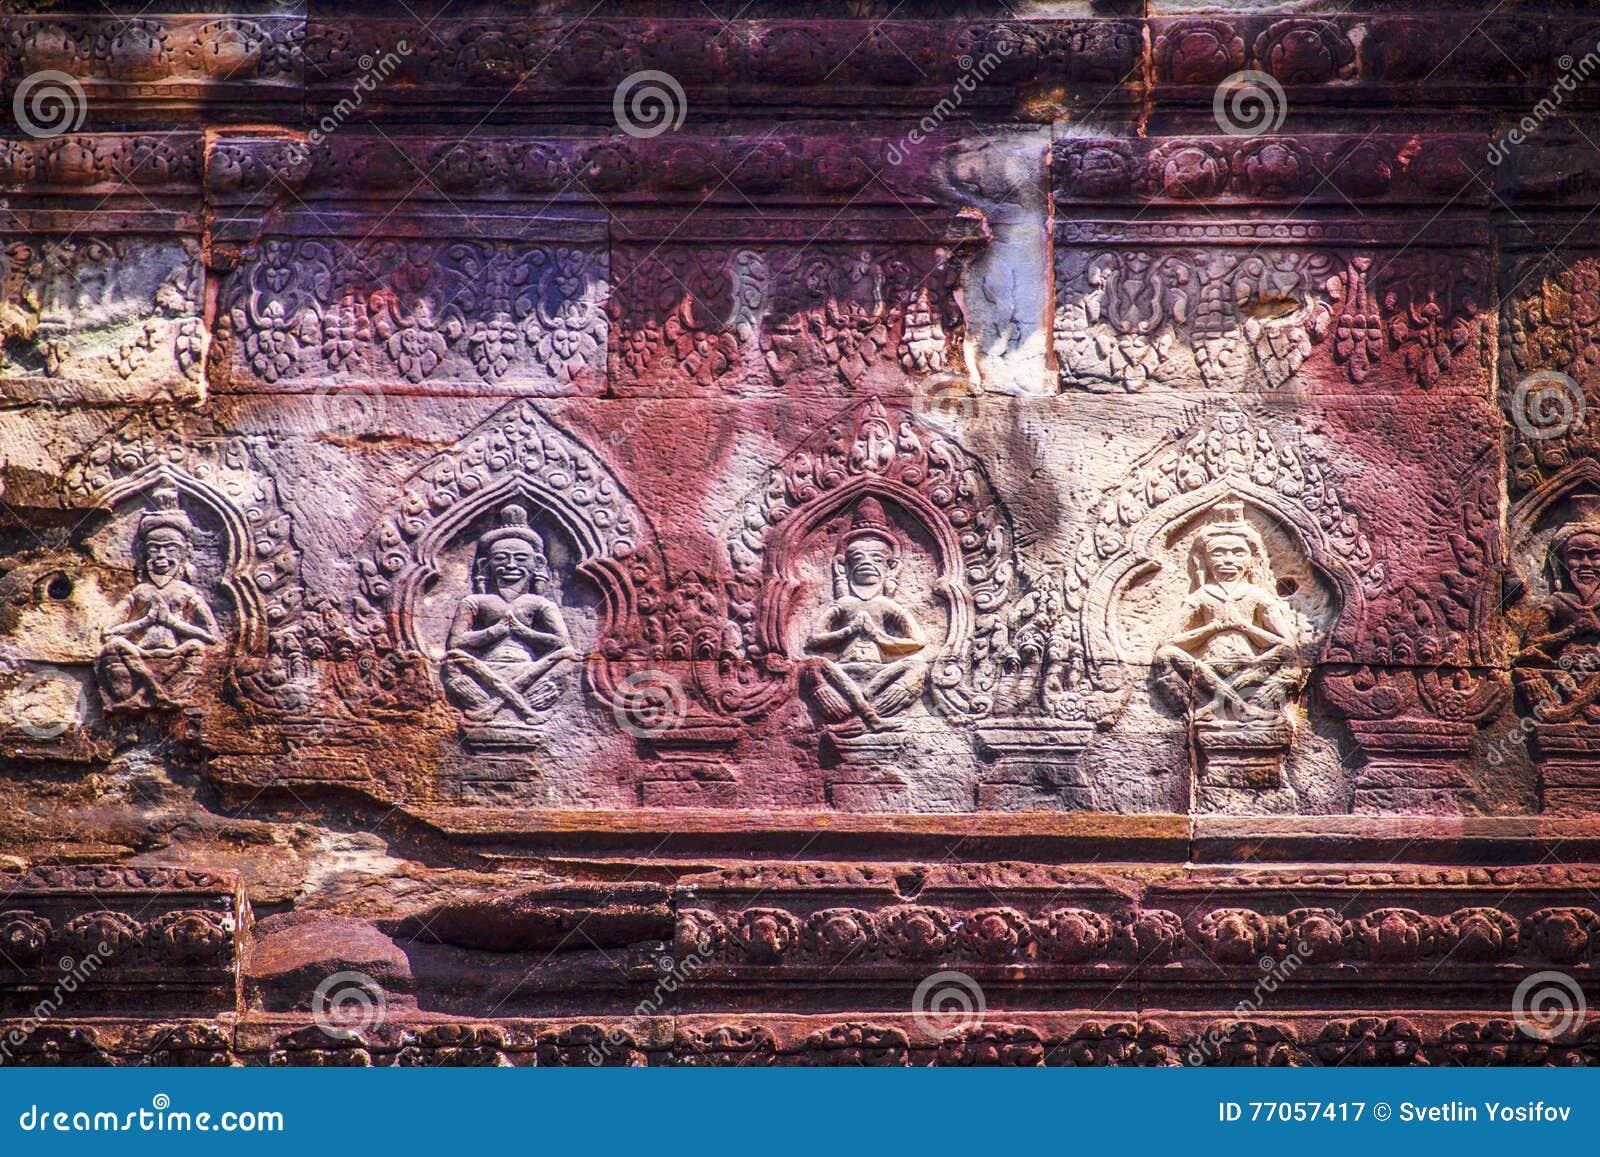 Face of Angkor Wat stock image  Image of angkor, khmer